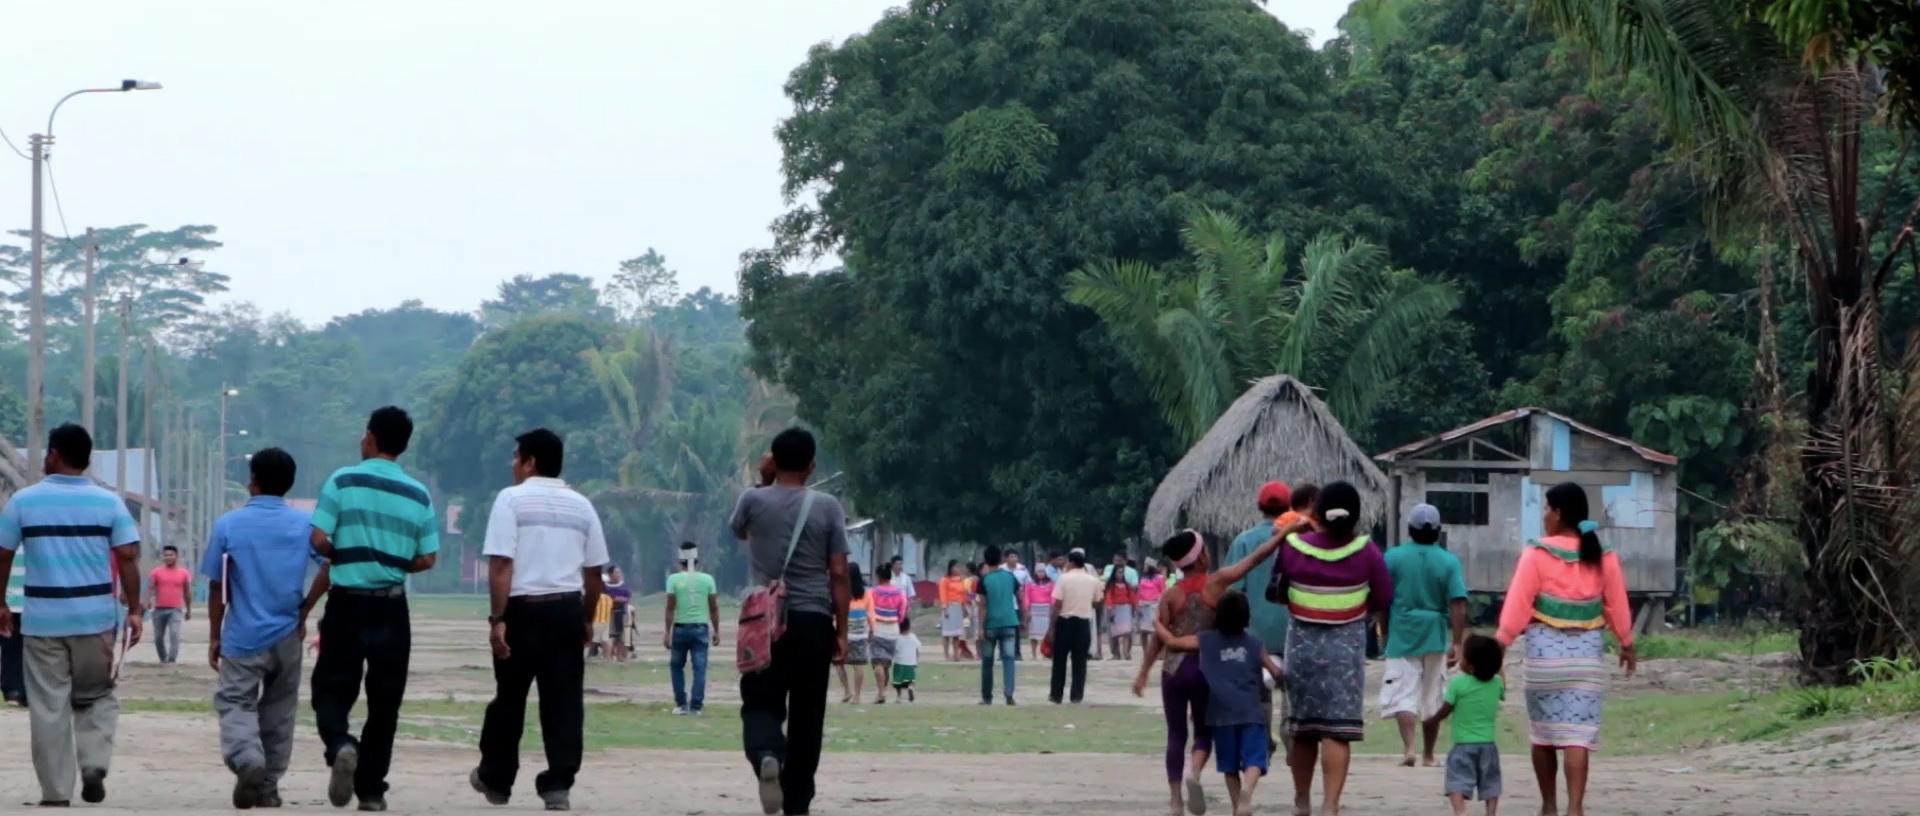 comunidades-nativas